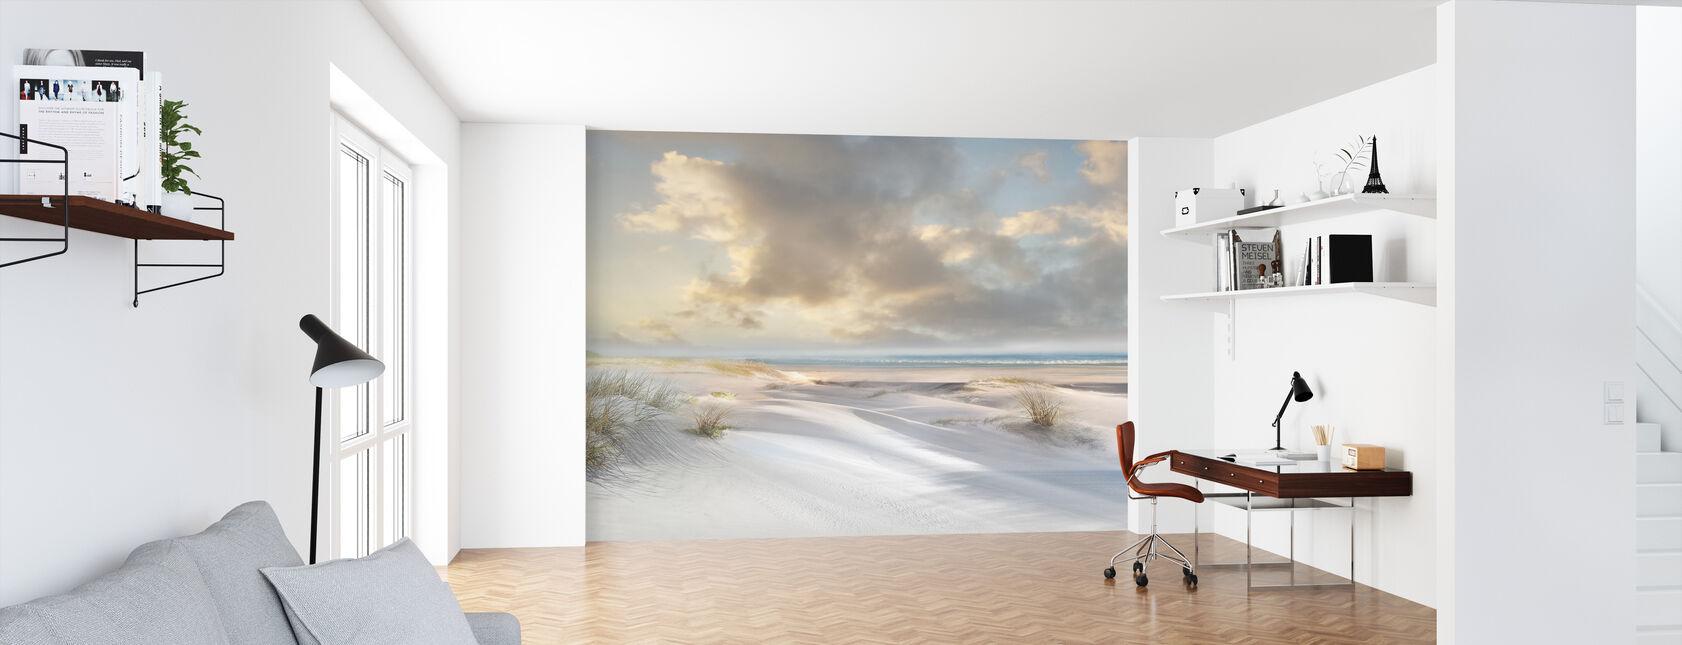 Strand van zandduinen - Behang - Kantoor